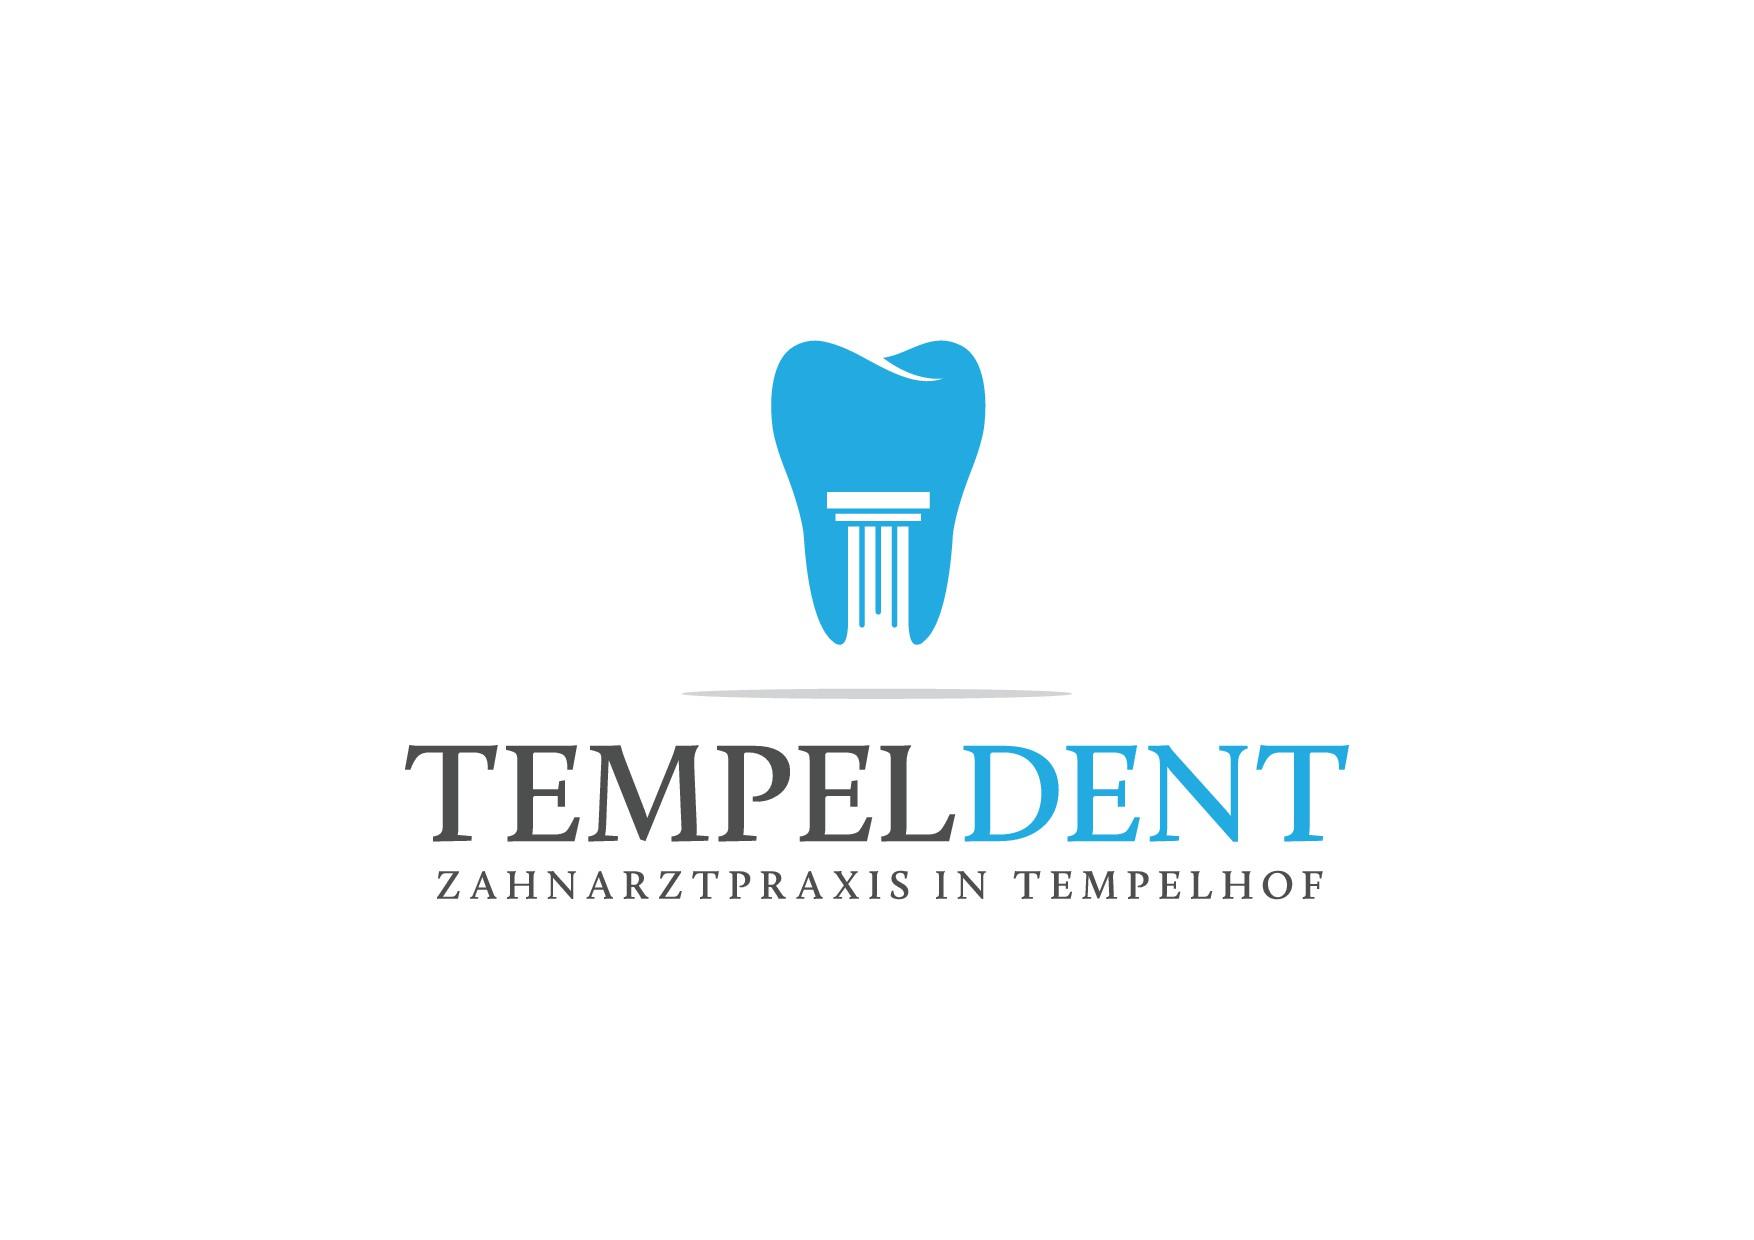 Erstellt ein Logo für eine Zahnarztpraxis in Berlin Tempelhof (Name: TempelDent)